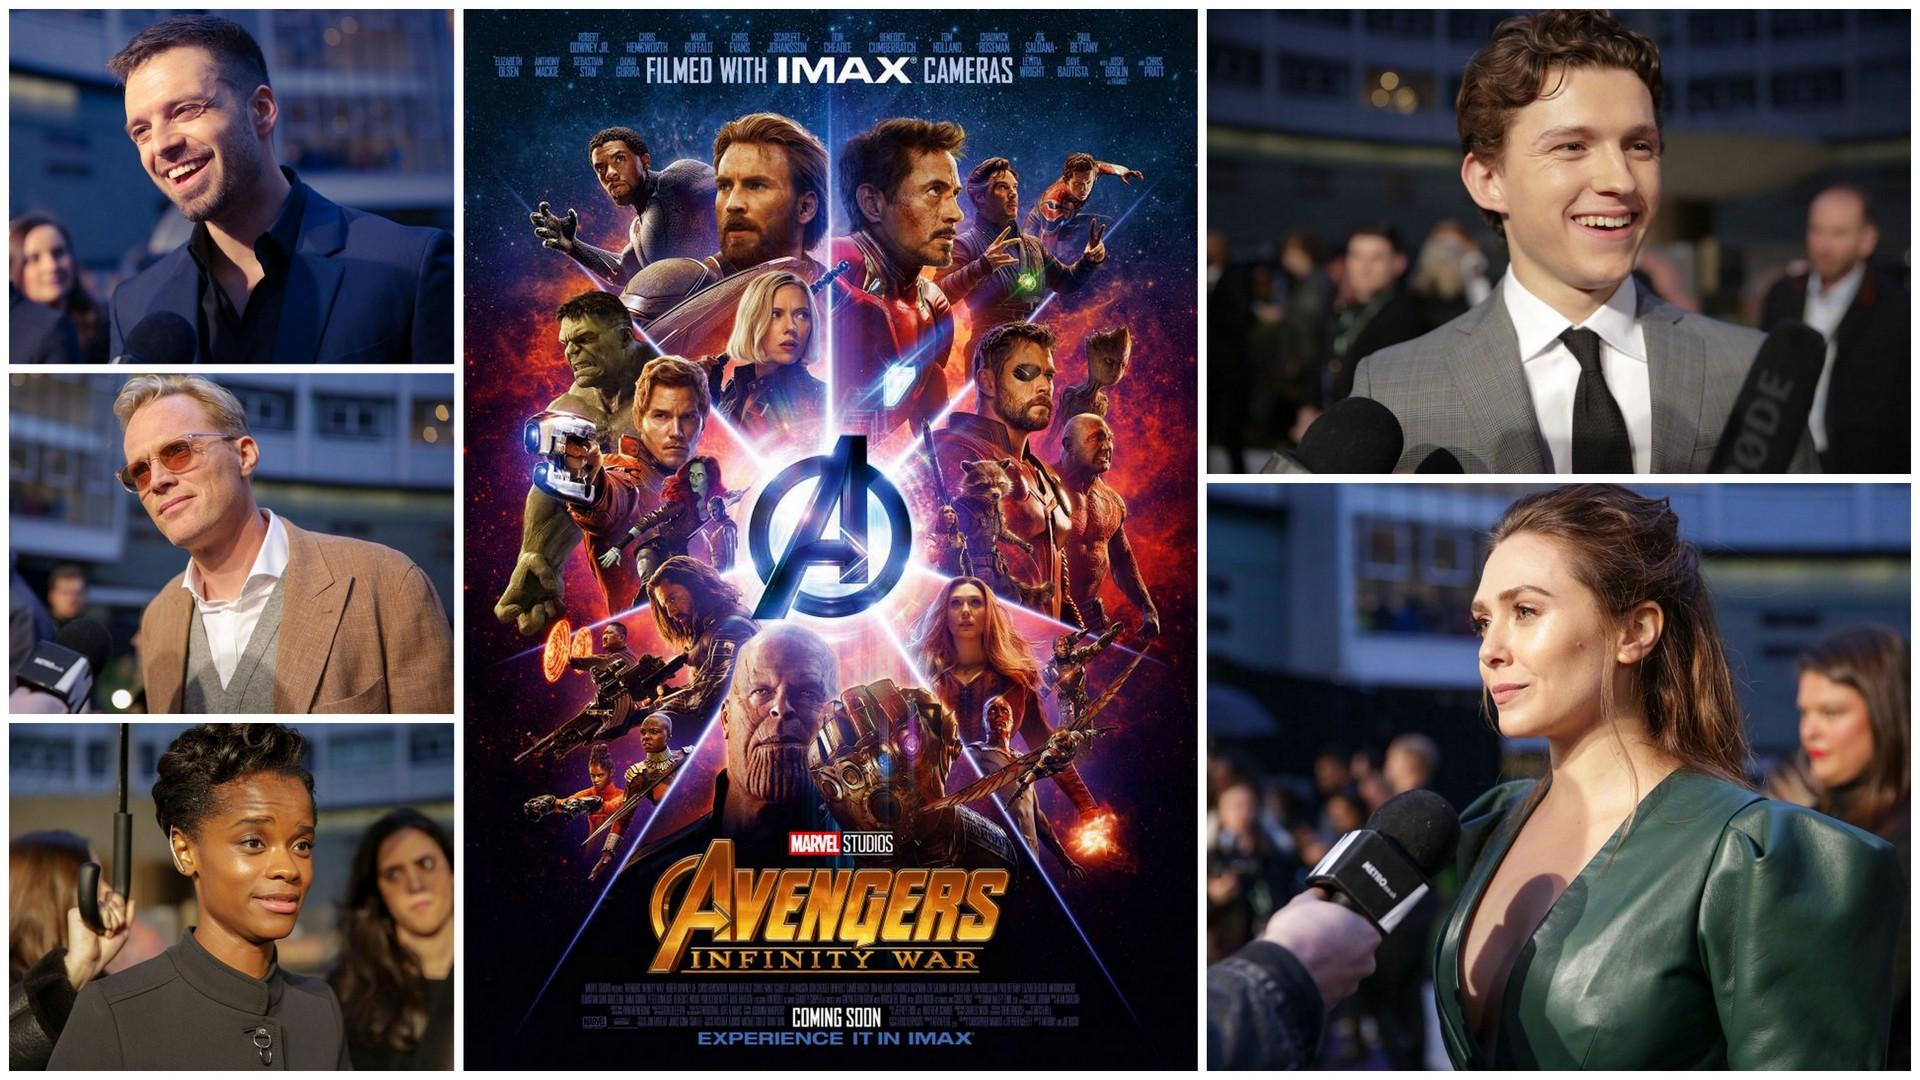 avengers infinity war cast interviews - tom holland, benedict